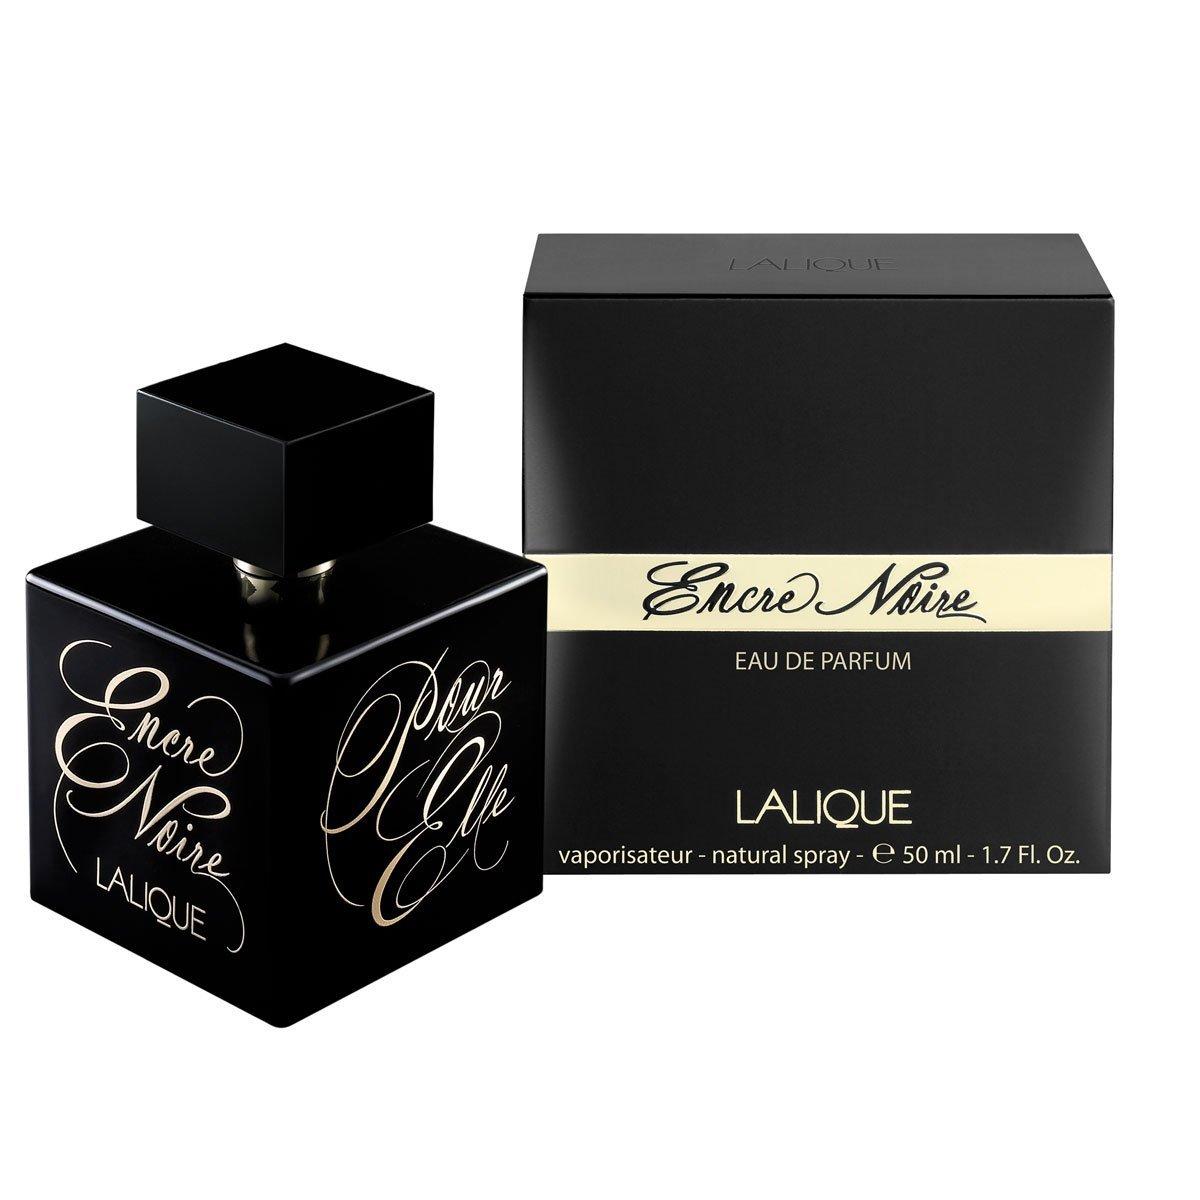 encre noire pour elle lalique parfum un parfum pour femme 2009. Black Bedroom Furniture Sets. Home Design Ideas